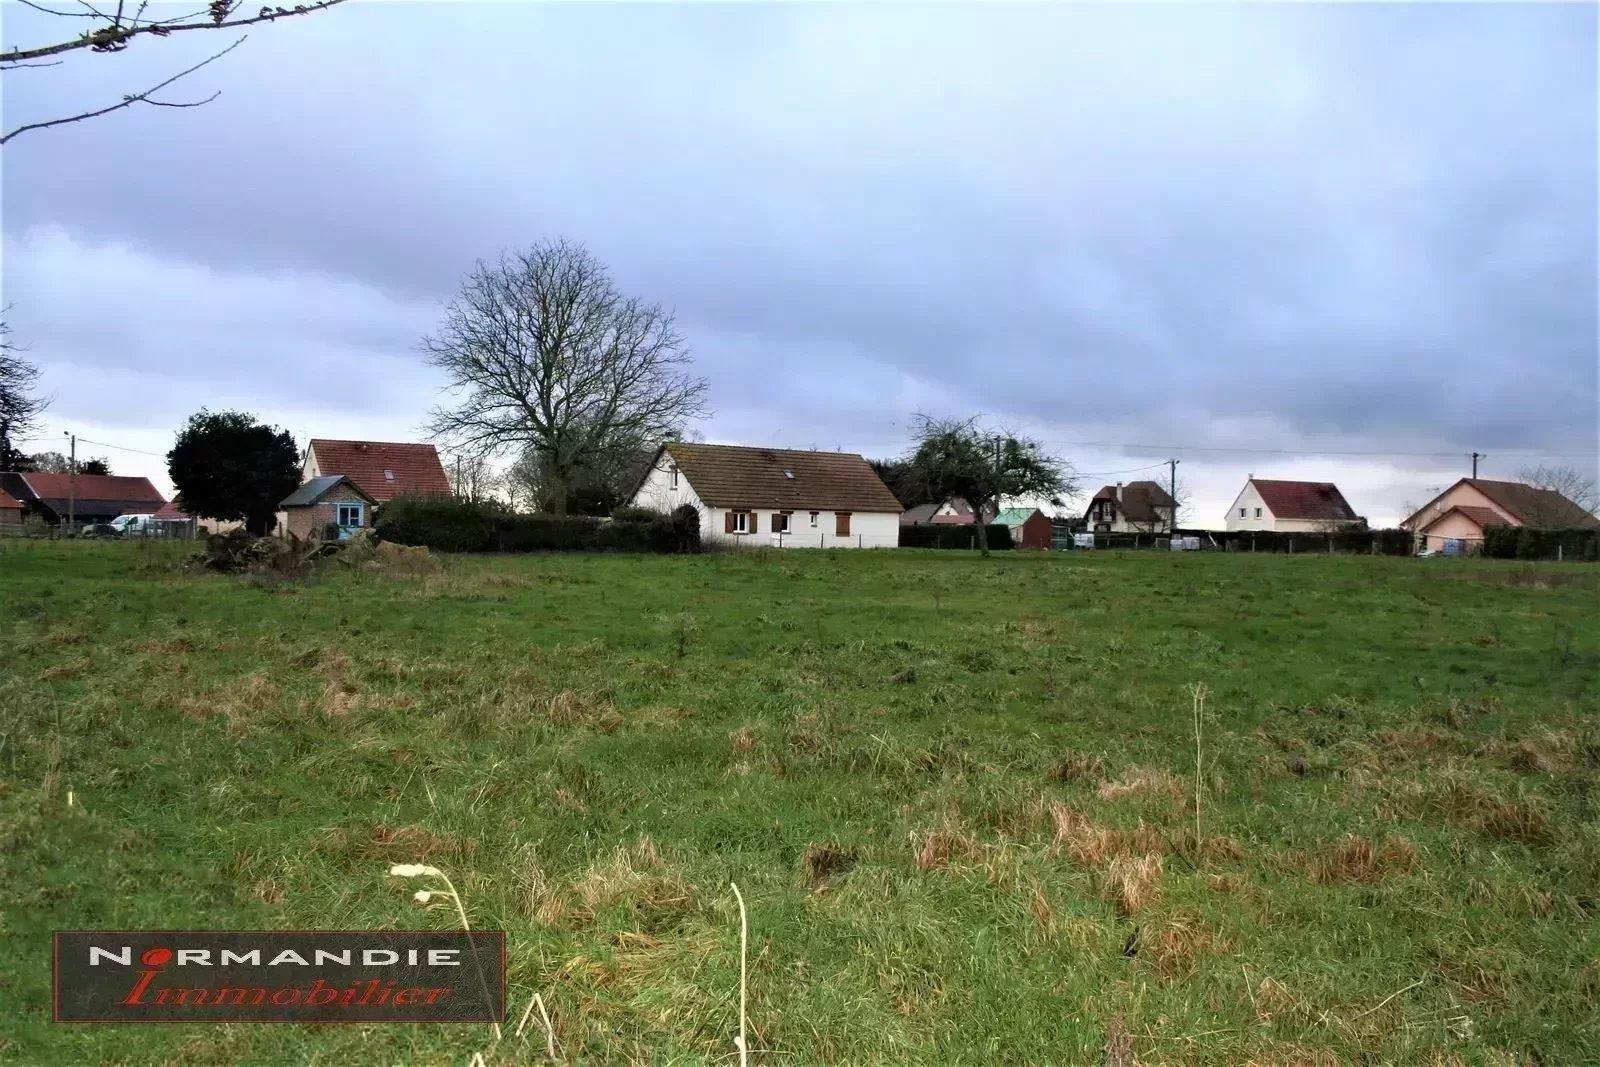 Terrain à bâtir viabilisé de 800 m² prix 45 000 euros à 2 minutes de Fleury sur Andelle